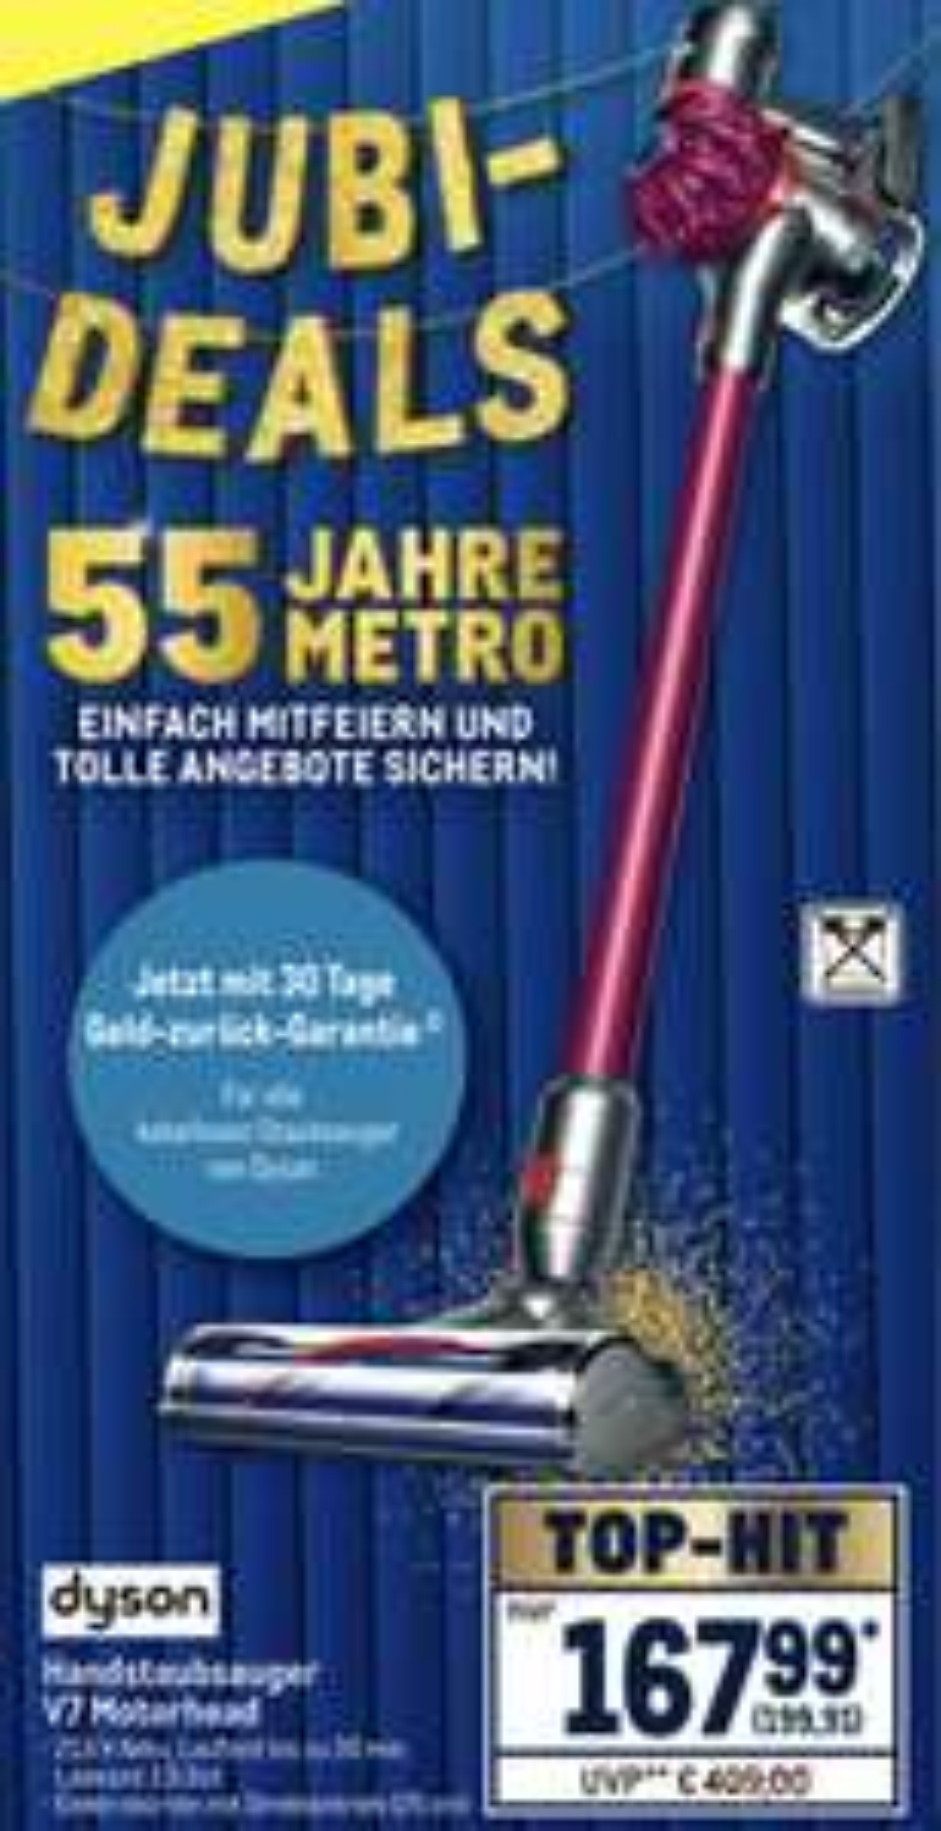 Ab 05.09. Metro: Dyson V7 Motorhead Handstaubsauger für 199,91€ - mit NL Gutschein 189,91€ möglich